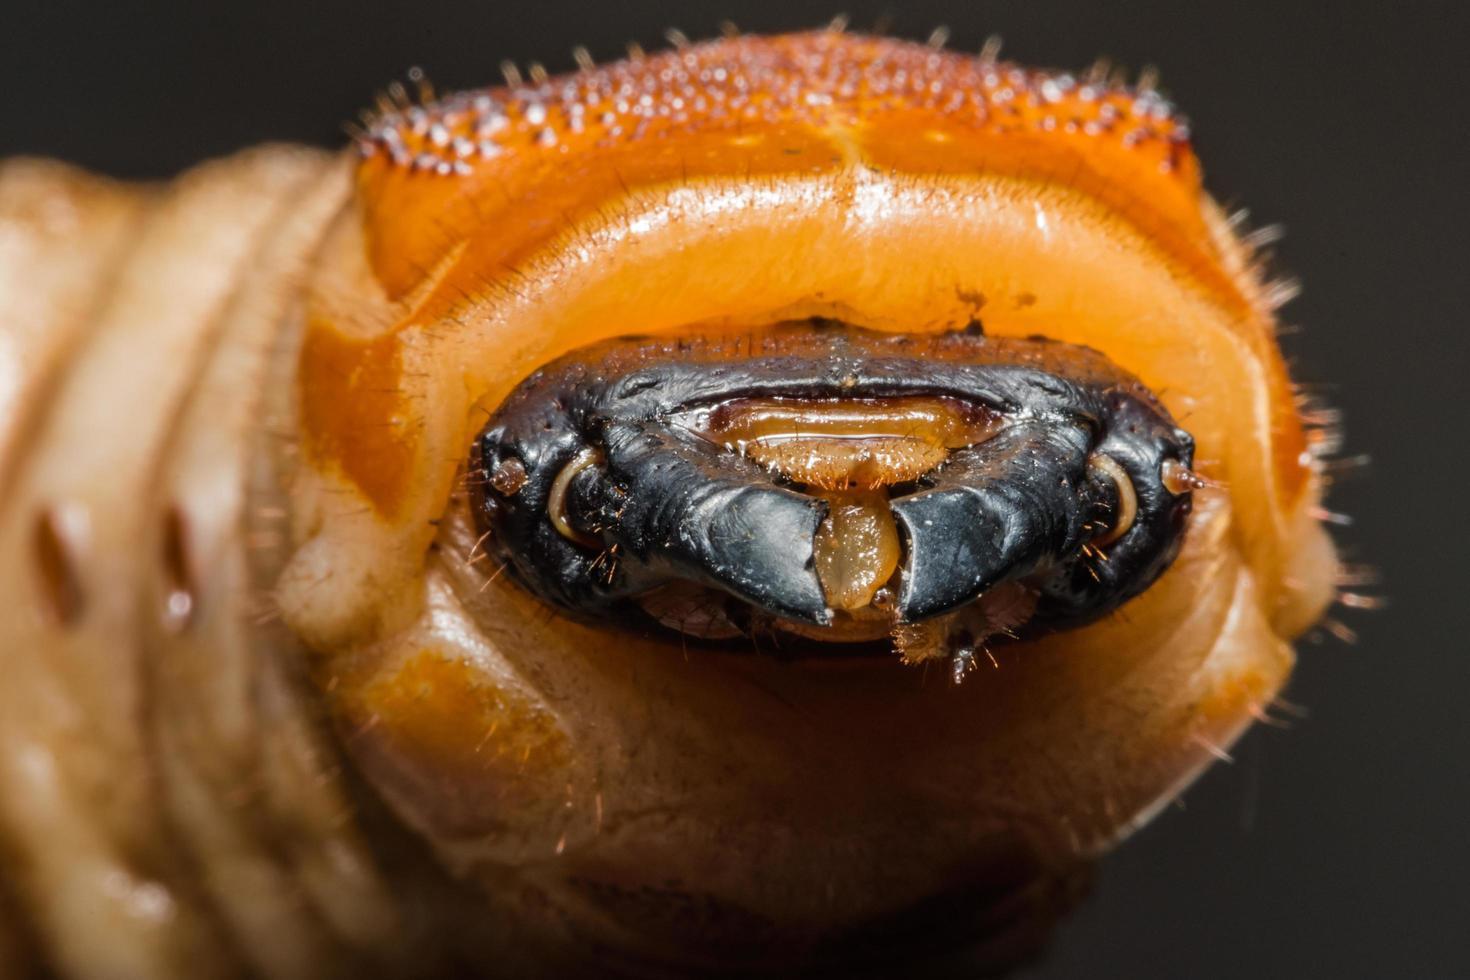 gusano escarabajo, macro foto